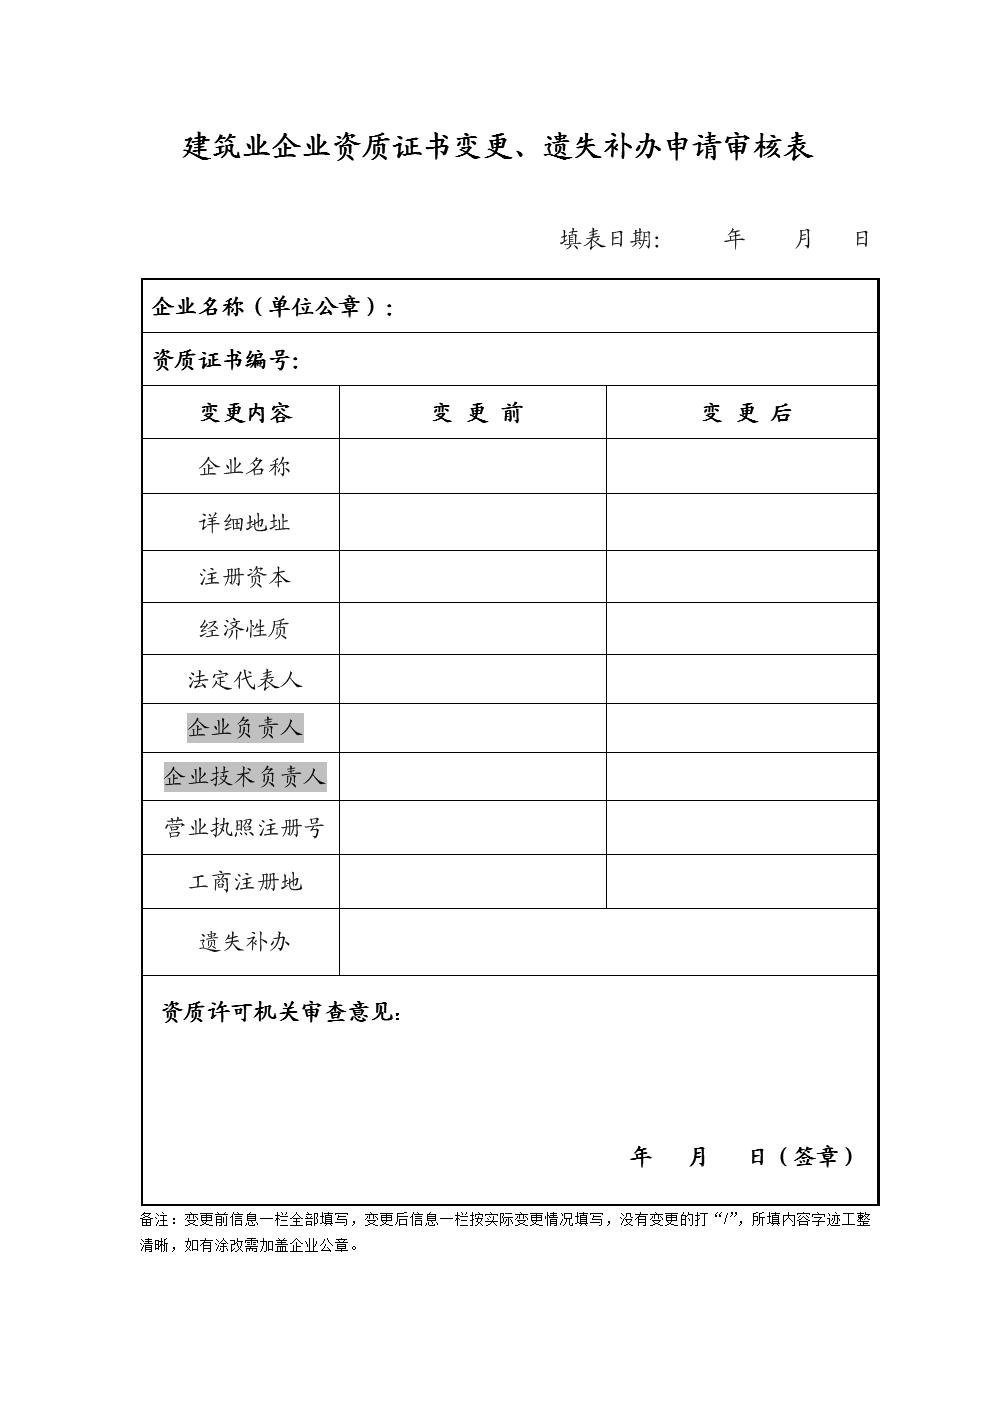 湖北省建筑业企业资质变更申请表.doc